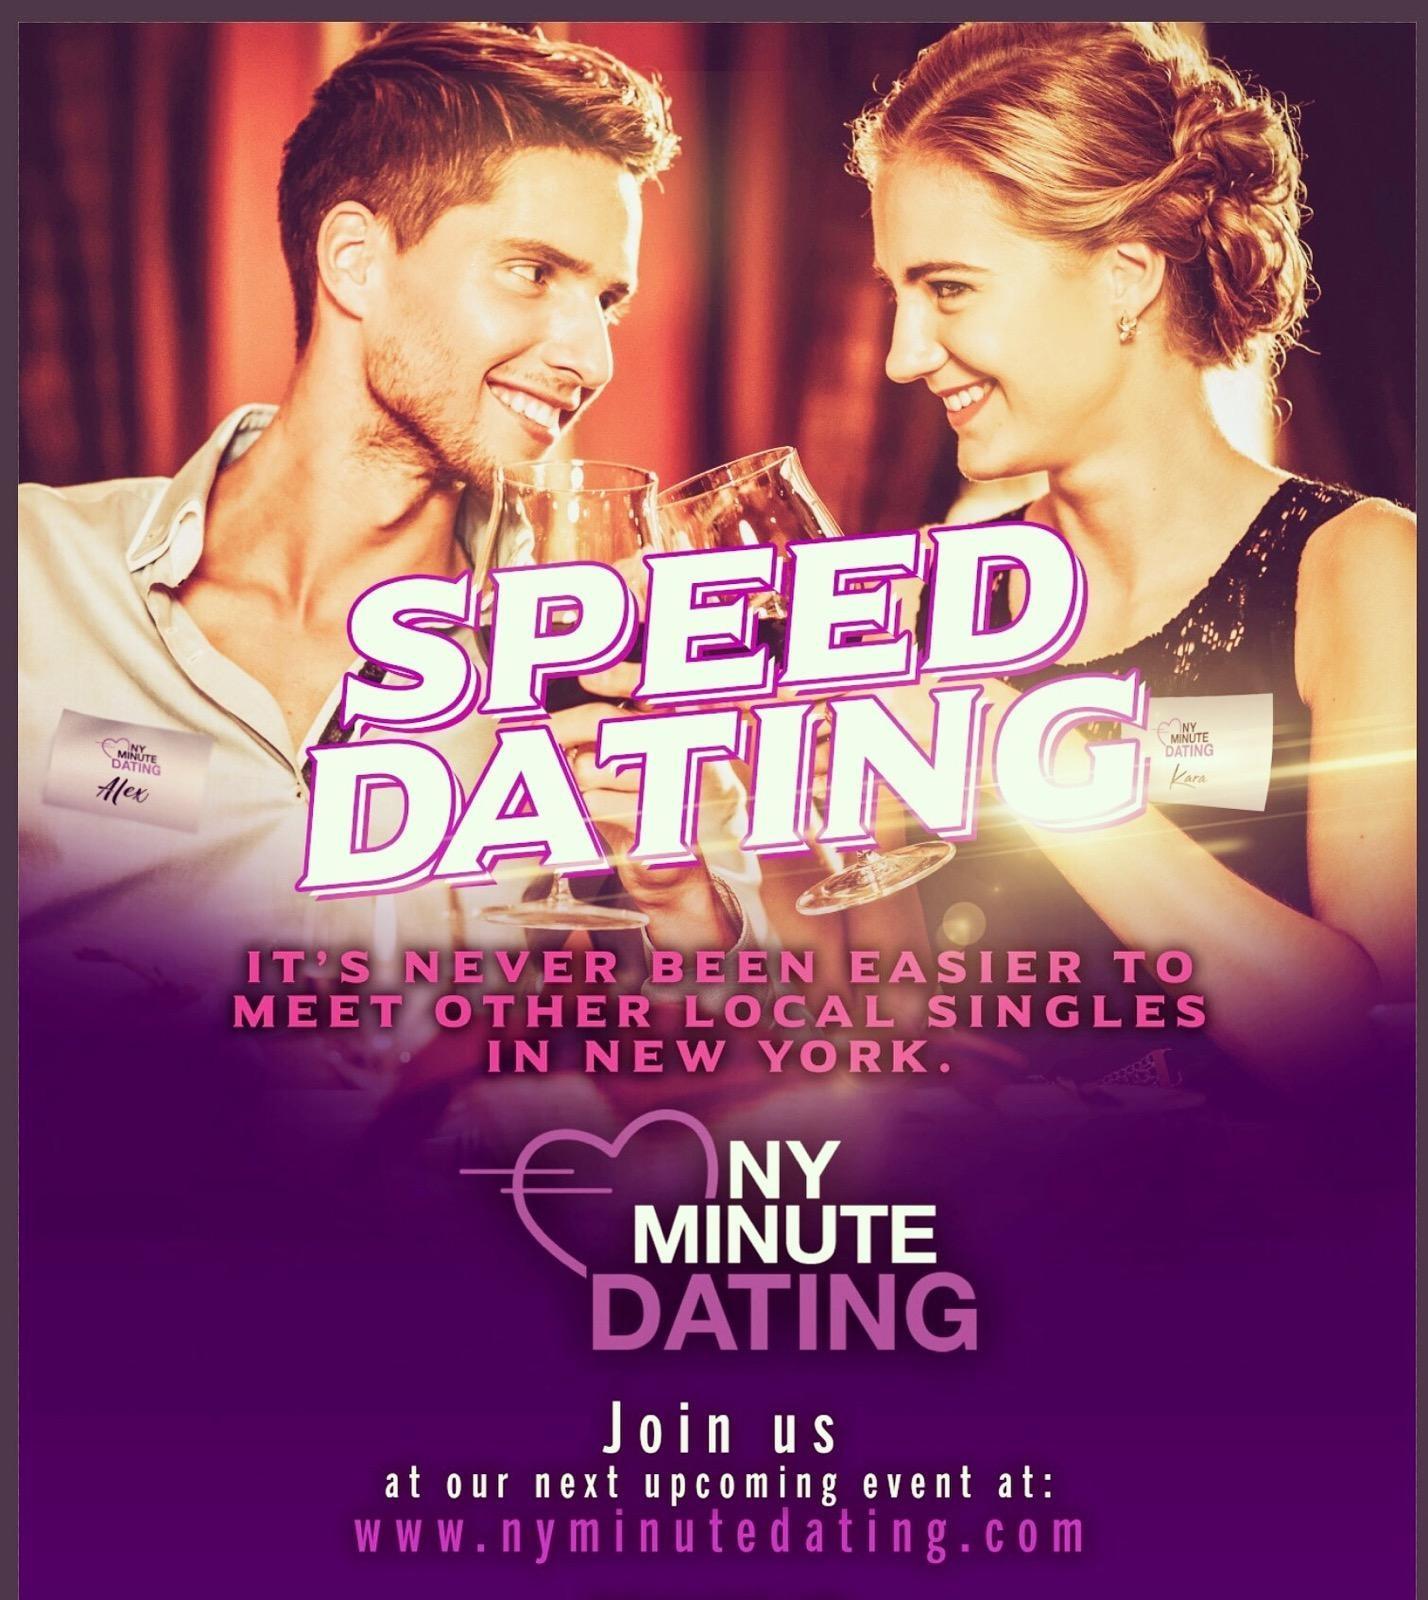 Speed dating.jpg